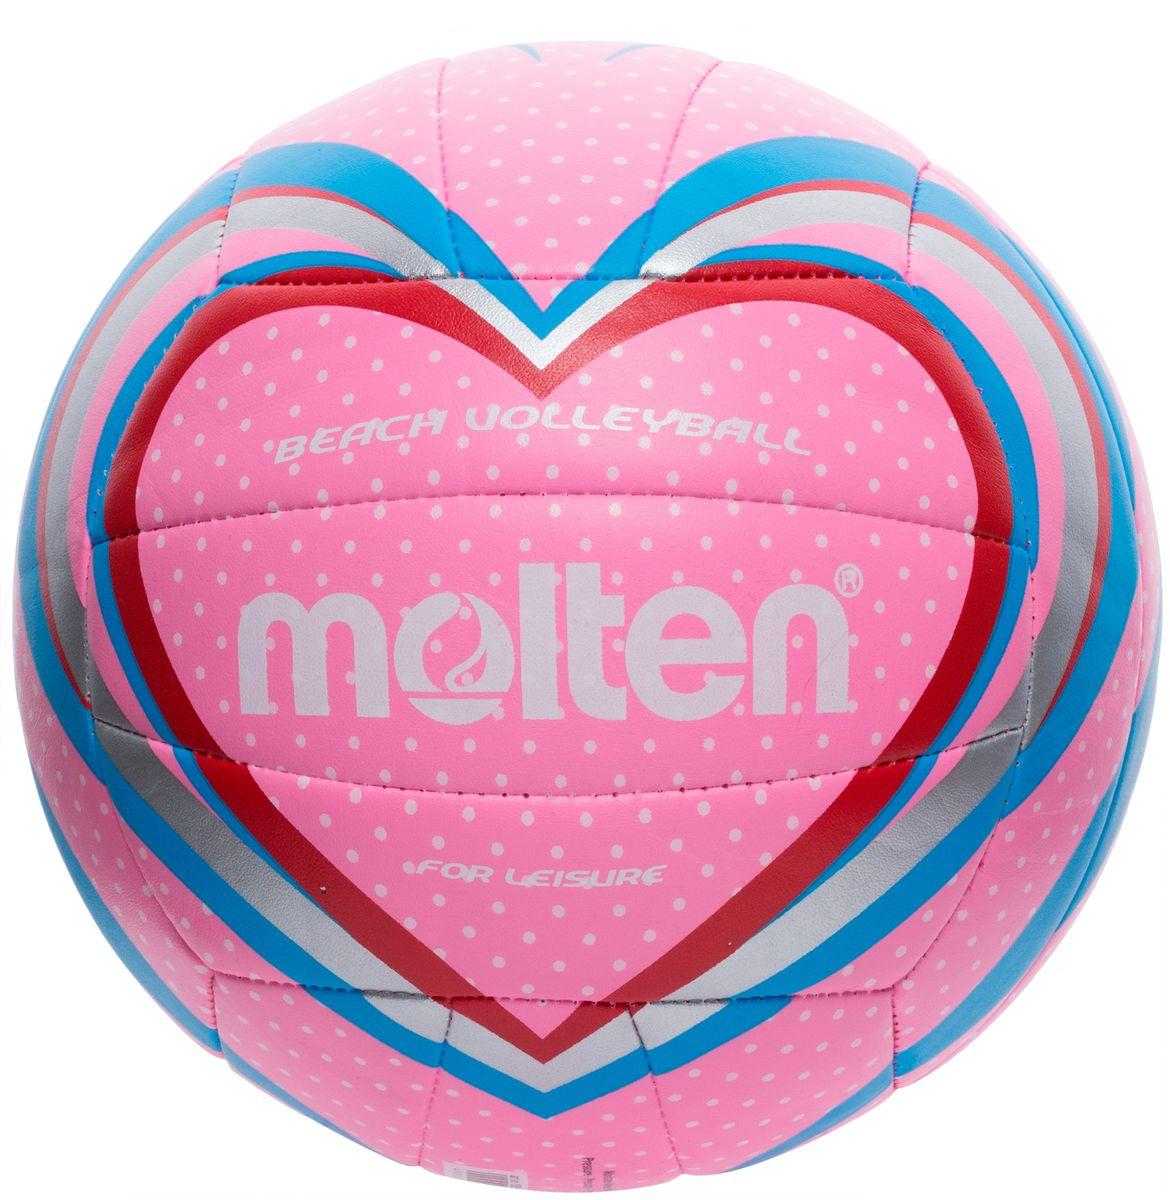 Мяч для пляжного волейбола Molten, цвет: розовый. Размер 5PU038Мяч Molten предназначен для занятий пляжным волейболом. Изготовлен из тонкой синтетической кожи для мягкого контакта с рукой. Машинное шитье.